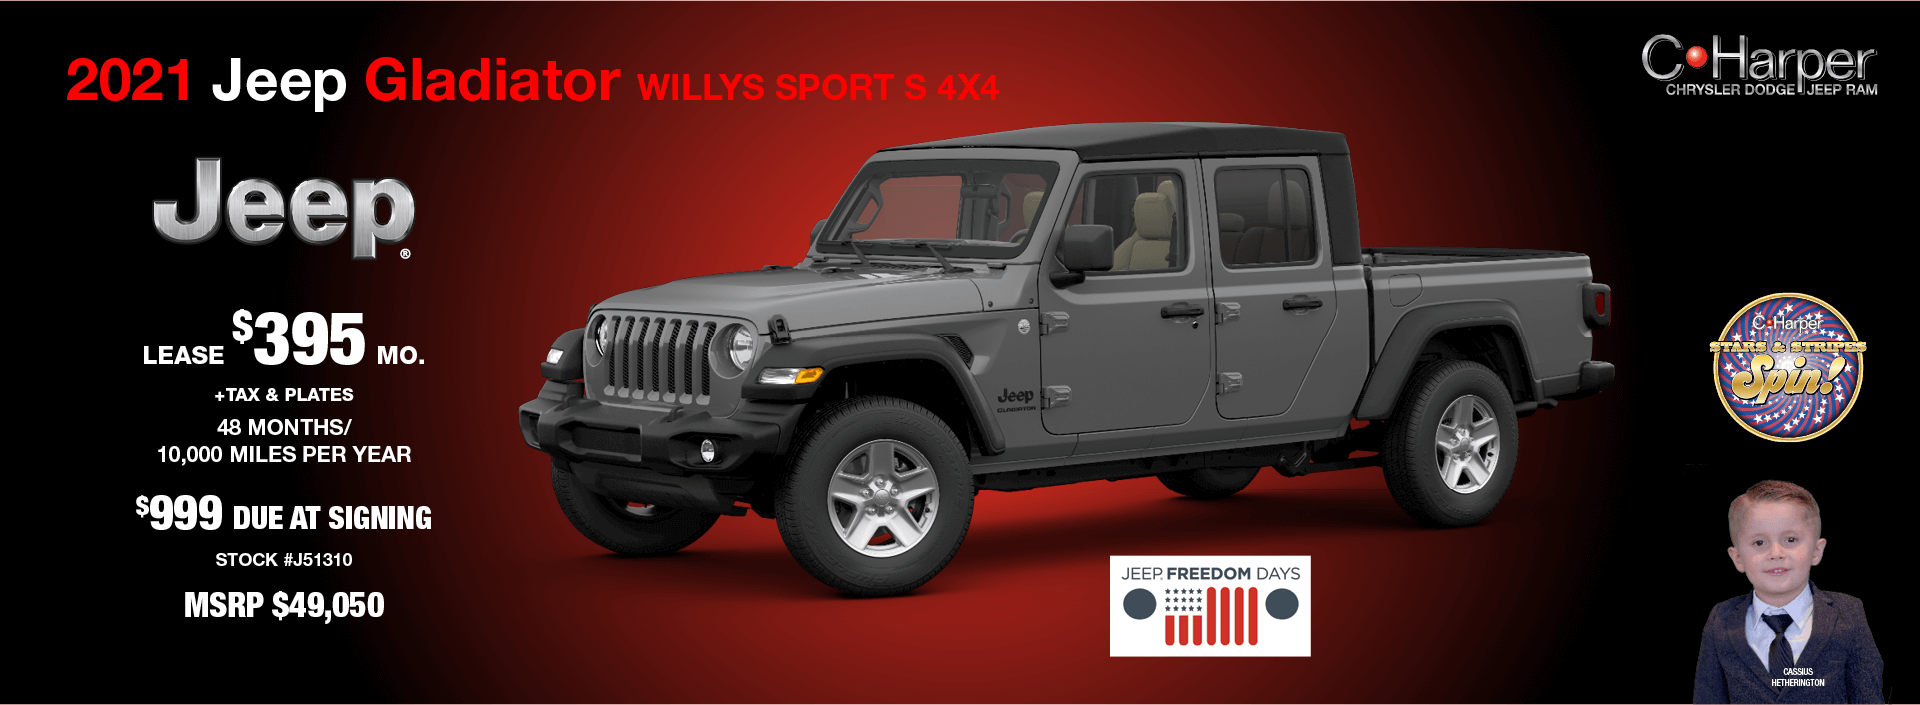 2021 Jeep Gladiator Willys Sport S 4X4